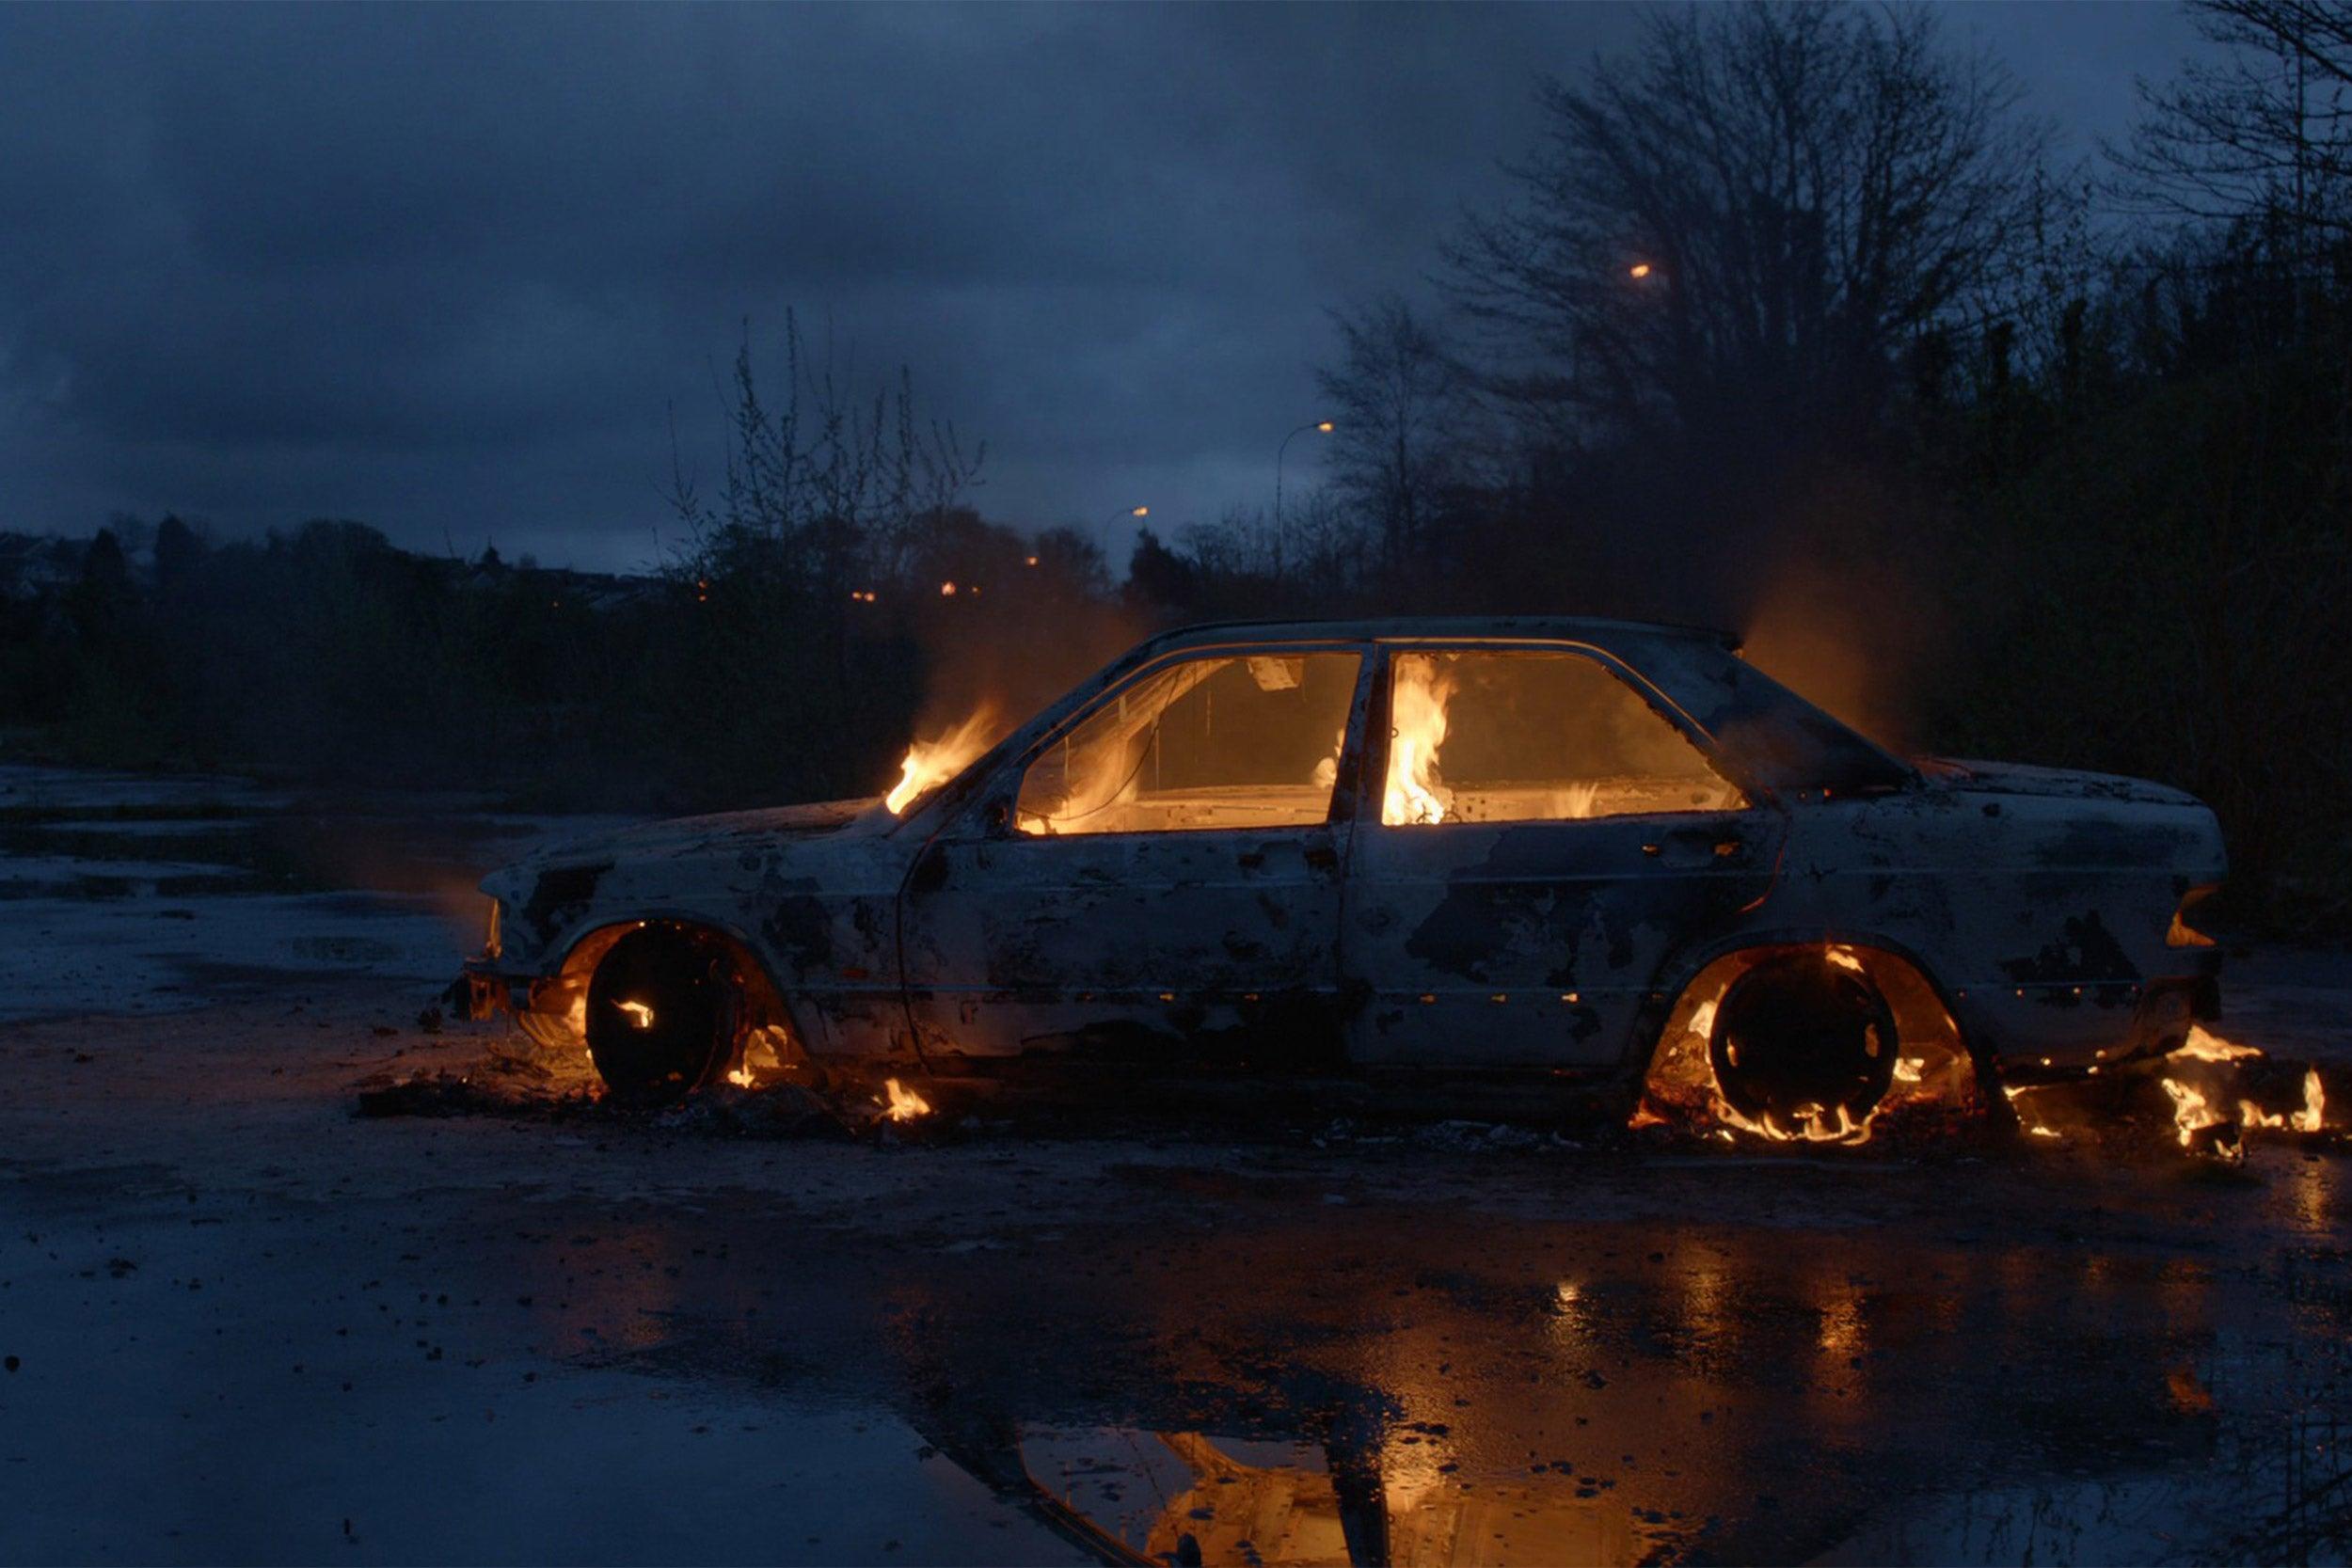 Car on fire.